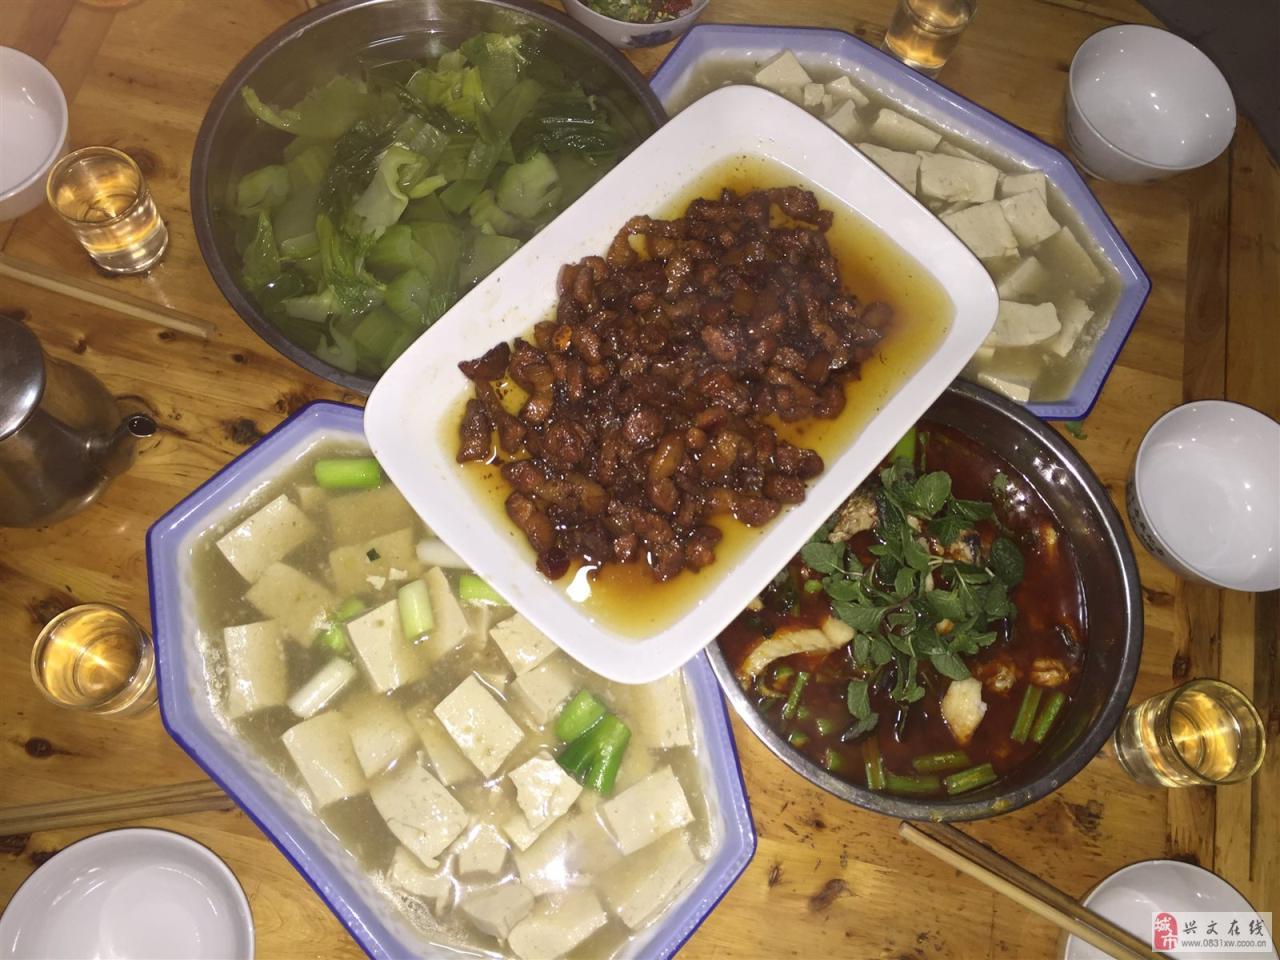 外地美食美食兴文网友_美食街_兴文v美食爱上章记新加坡图片